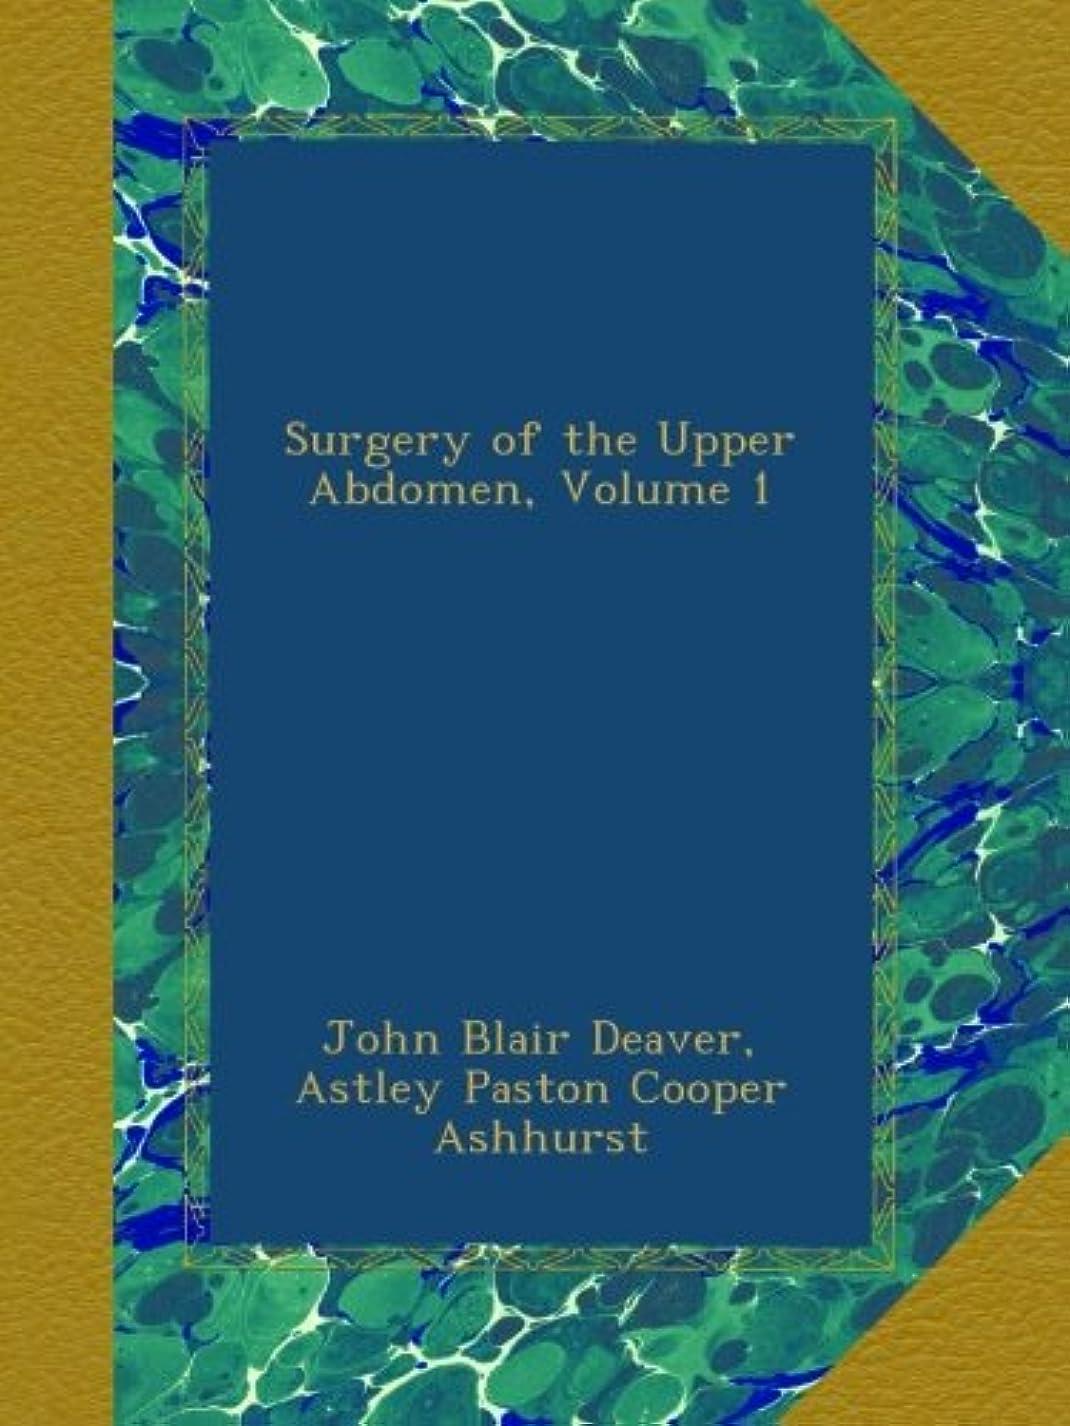 無限フォークトムオードリースSurgery of the Upper Abdomen, Volume 1